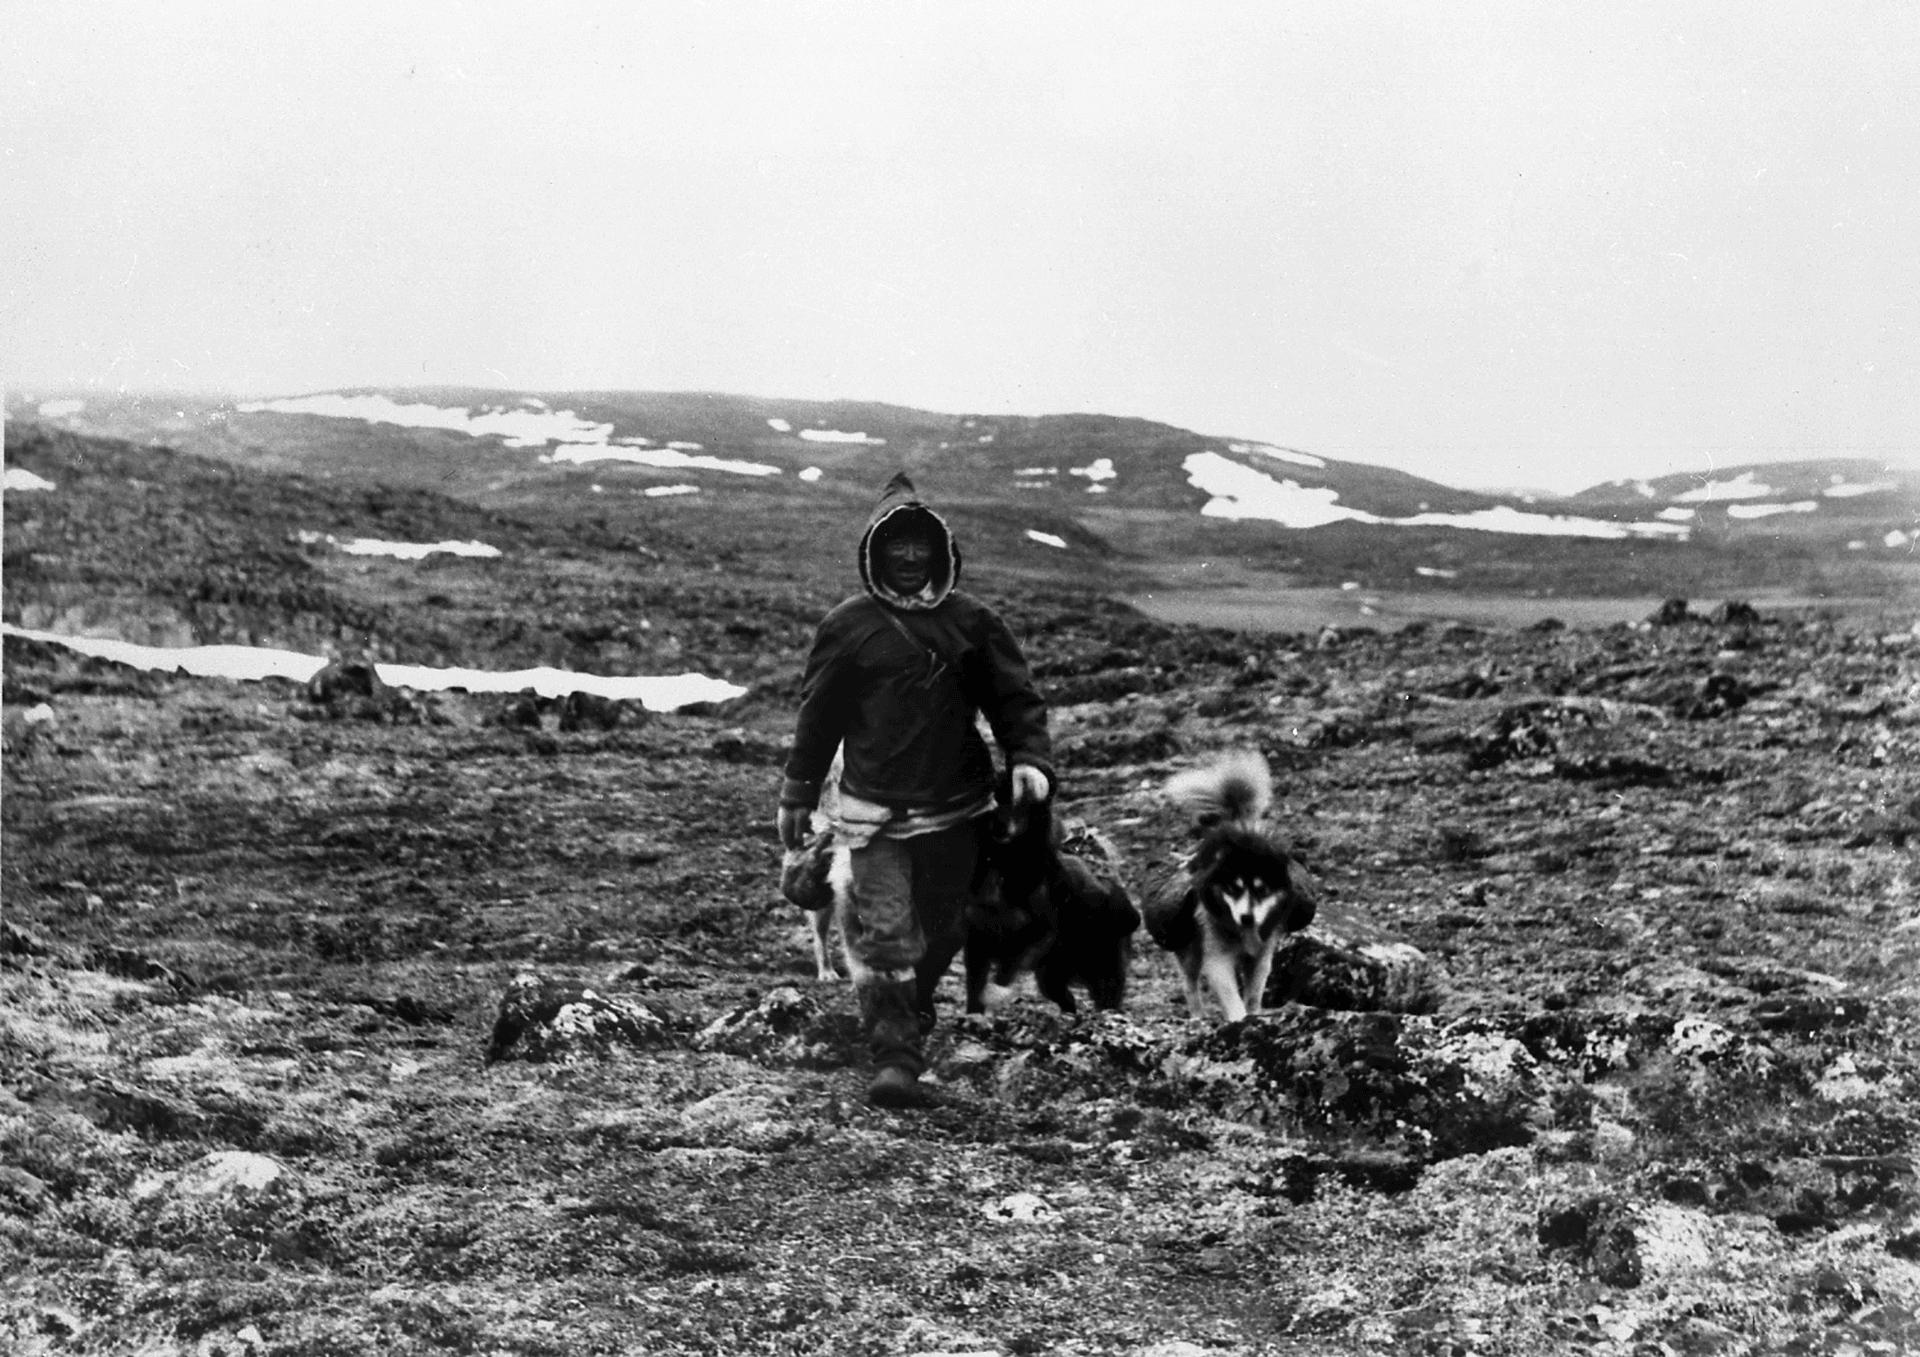 Photograph of Mathew Ningiuruvik, a Kangiqsujuaq Inuk. Kangiqsujuaq, 1960s